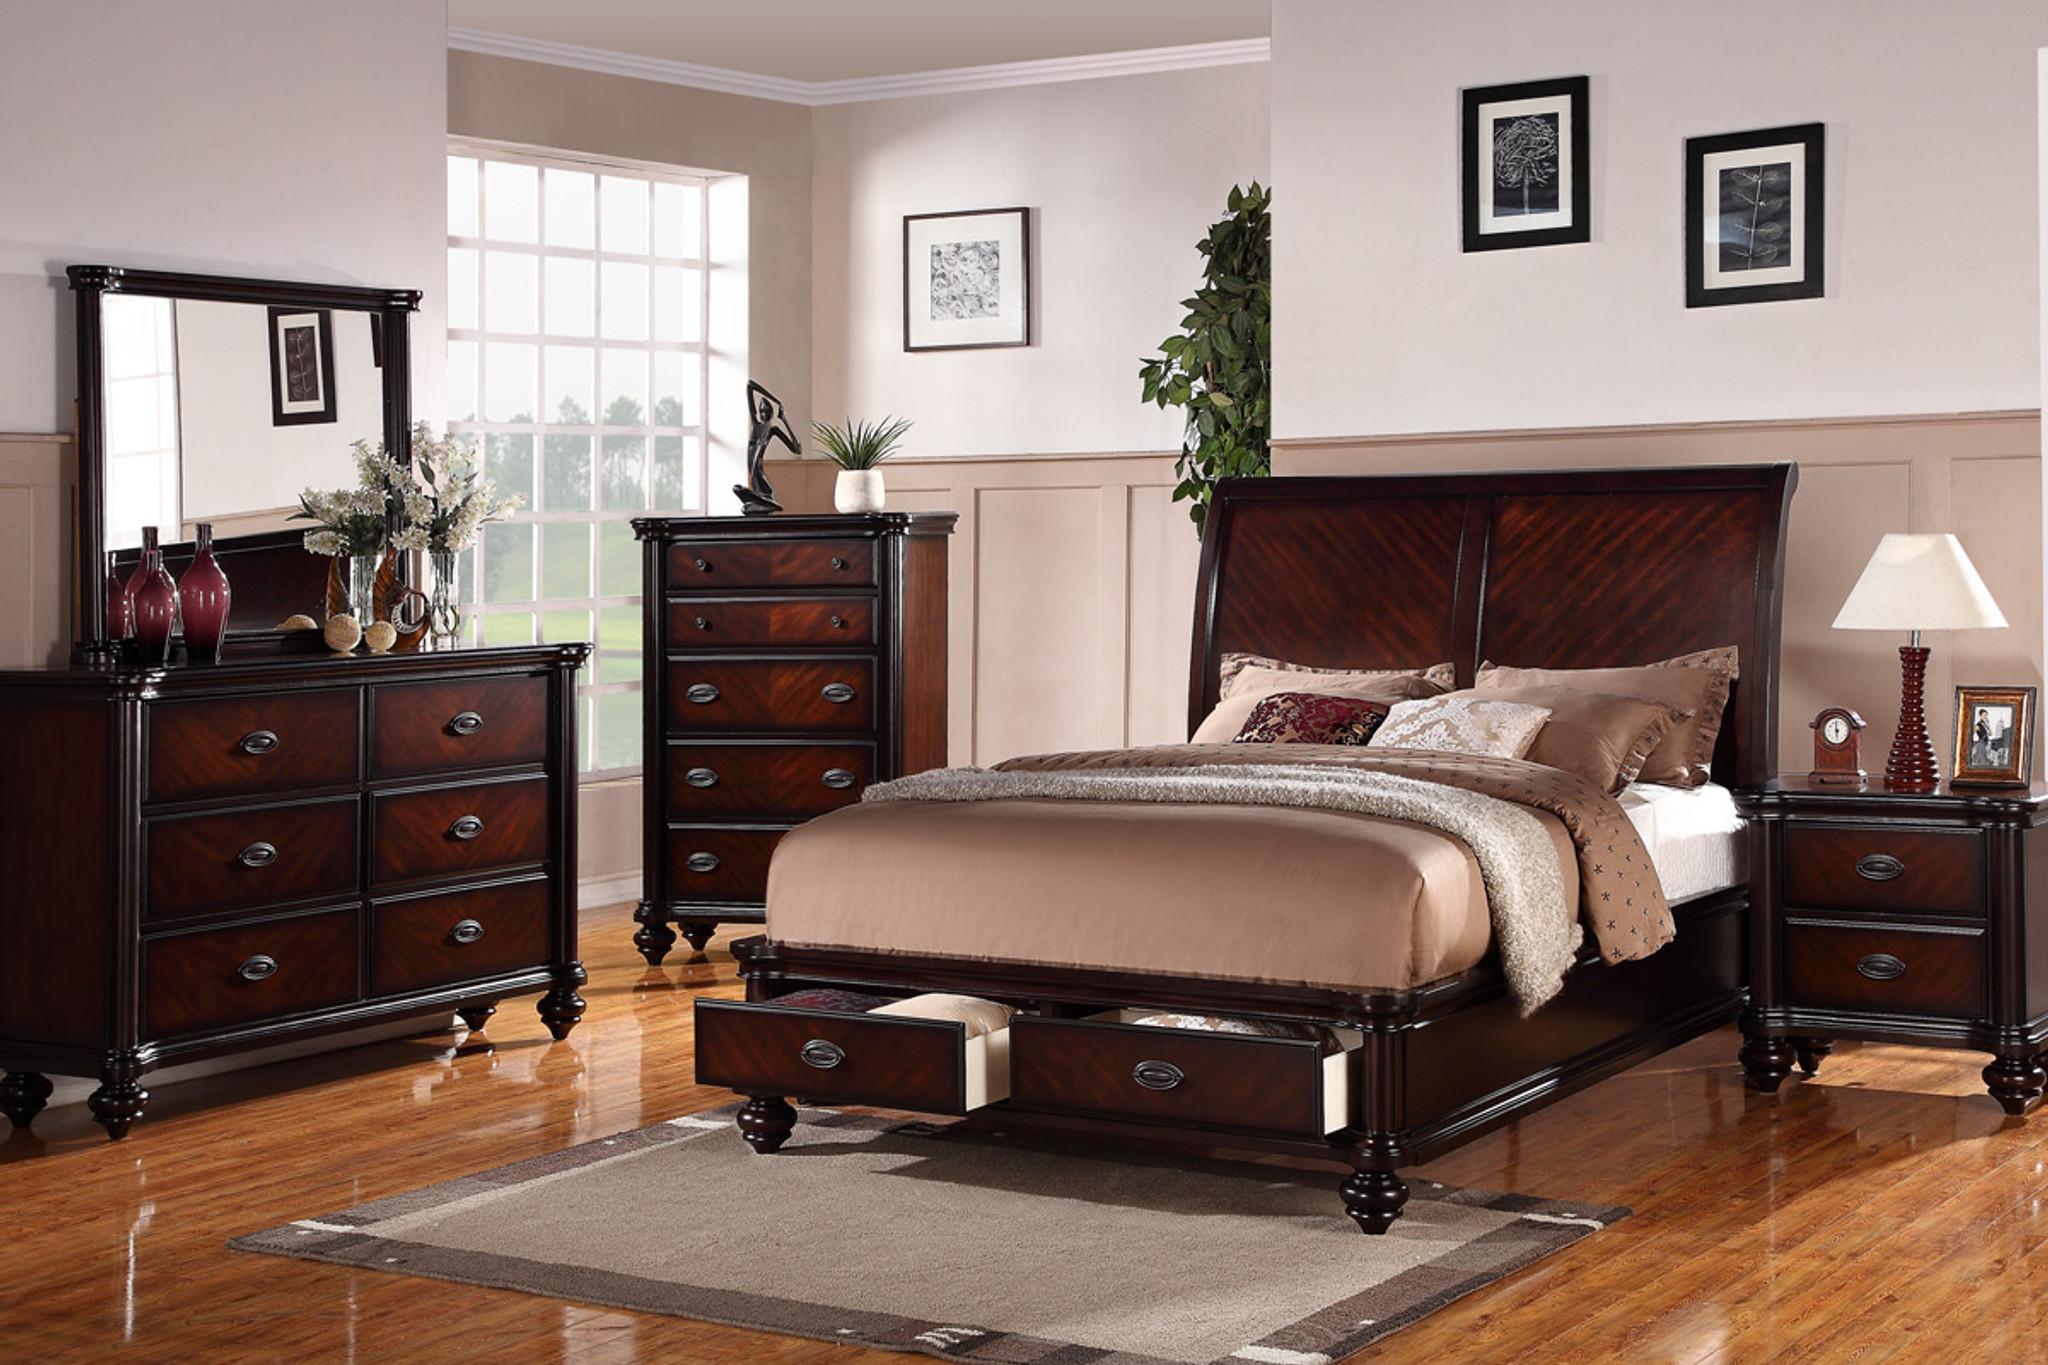 margaret bedroom bed frame dark brown finish with storage